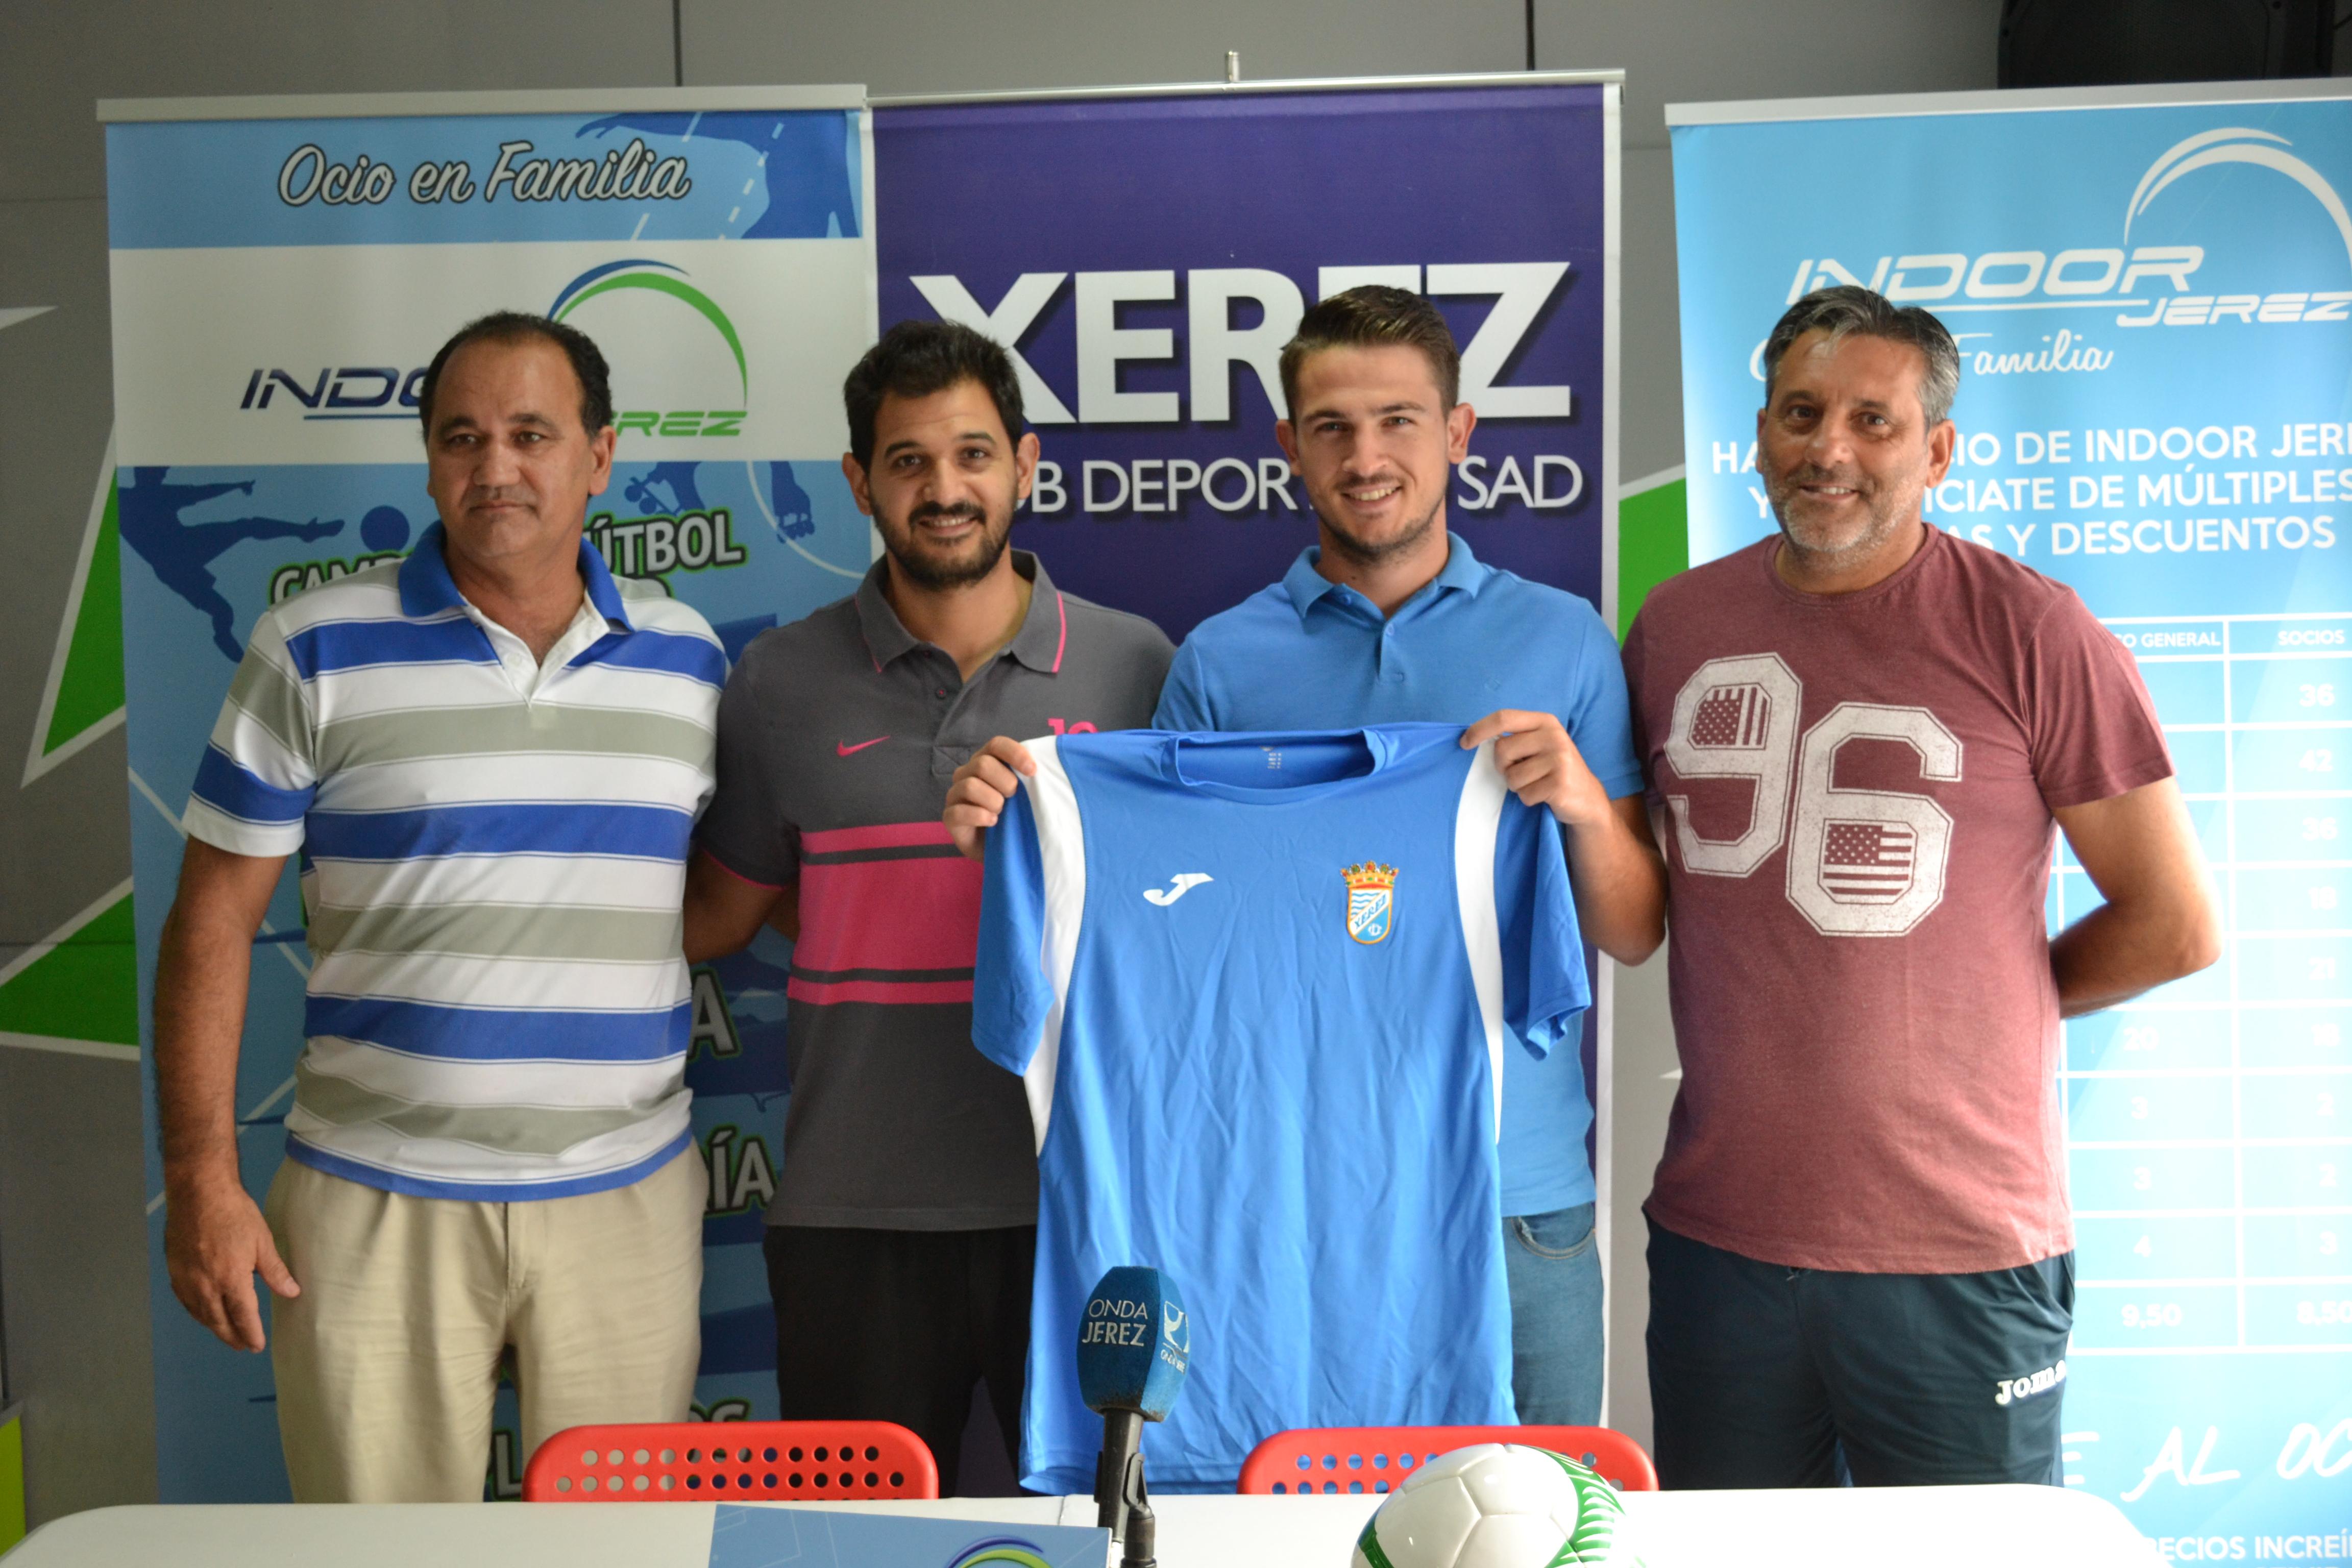 http://www.xerezclubdeportivo.es/wp-content/uploads/2017/07/DSC_0090.jpg